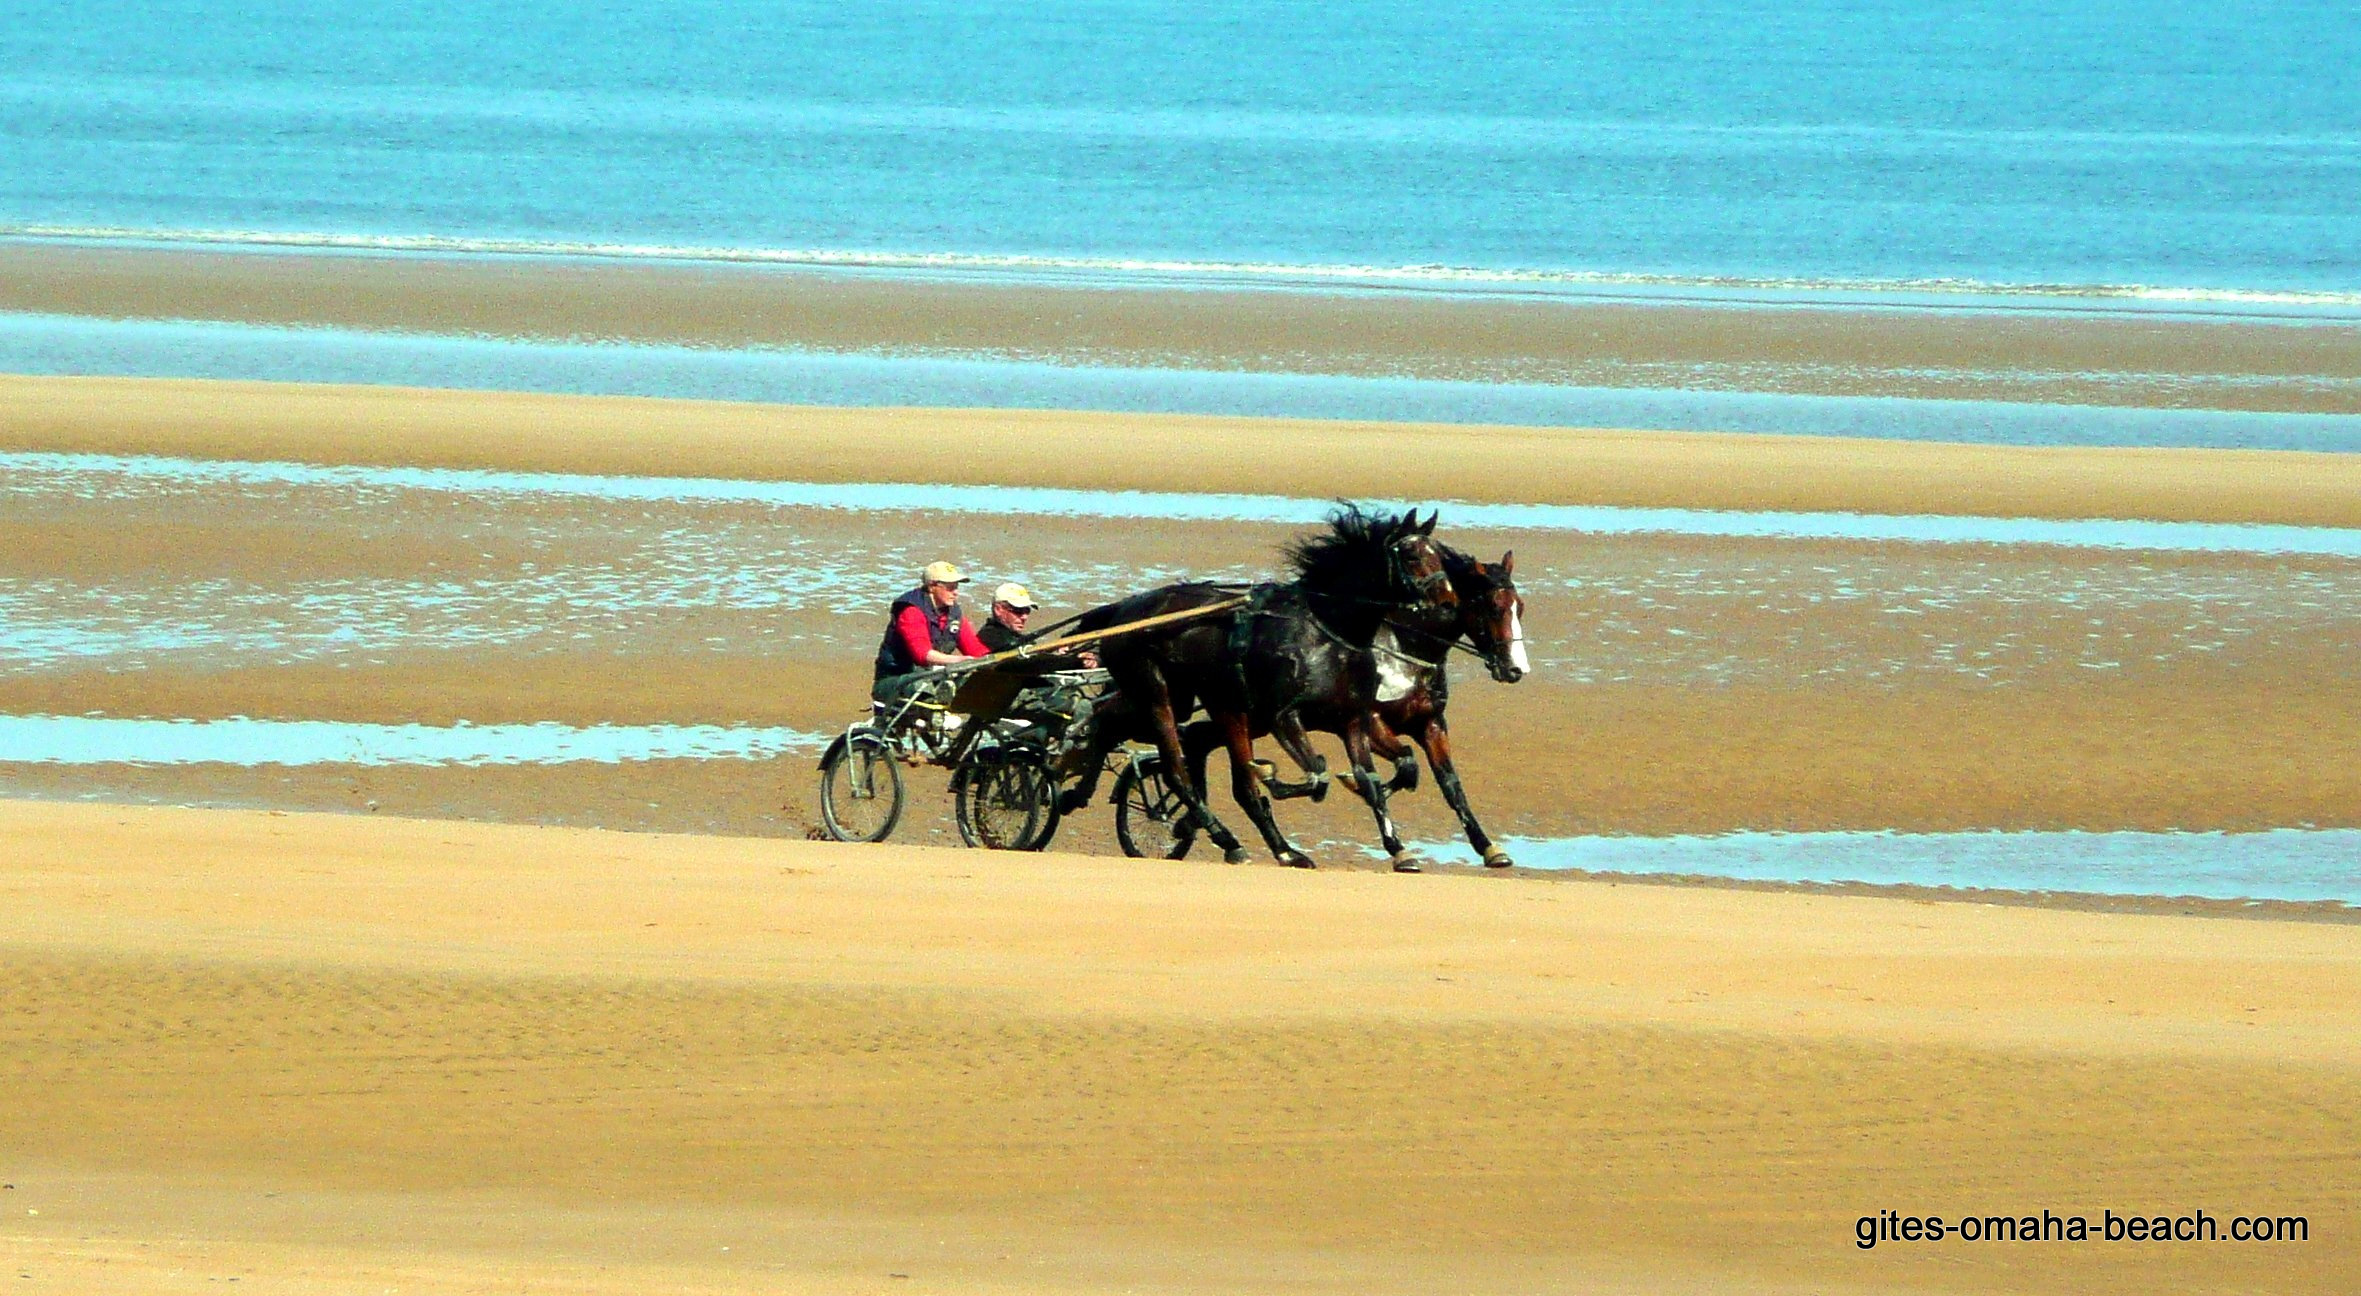 Chevaux s'entraînant sur la plage d'Omaha Beach à Vierville-sur-mer